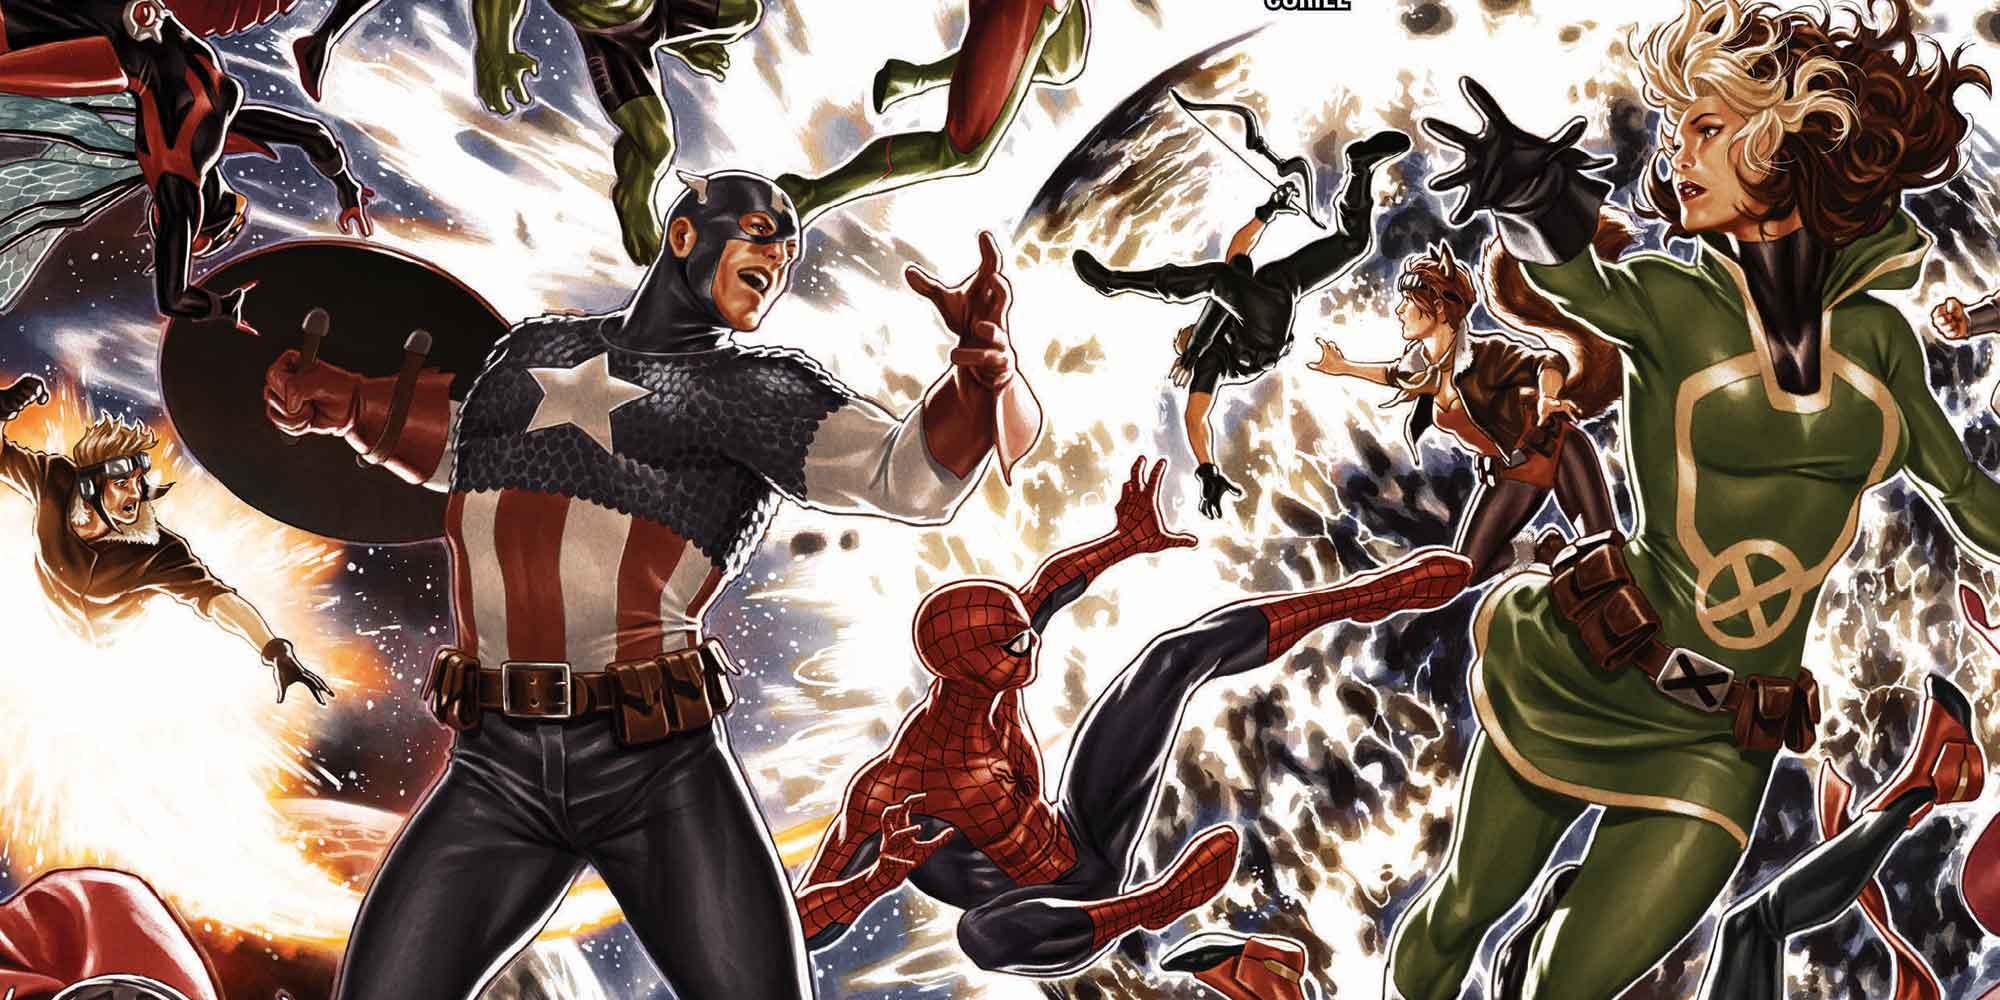 Avengers Pinterest: Avengers: No Surrender Teases Hulk